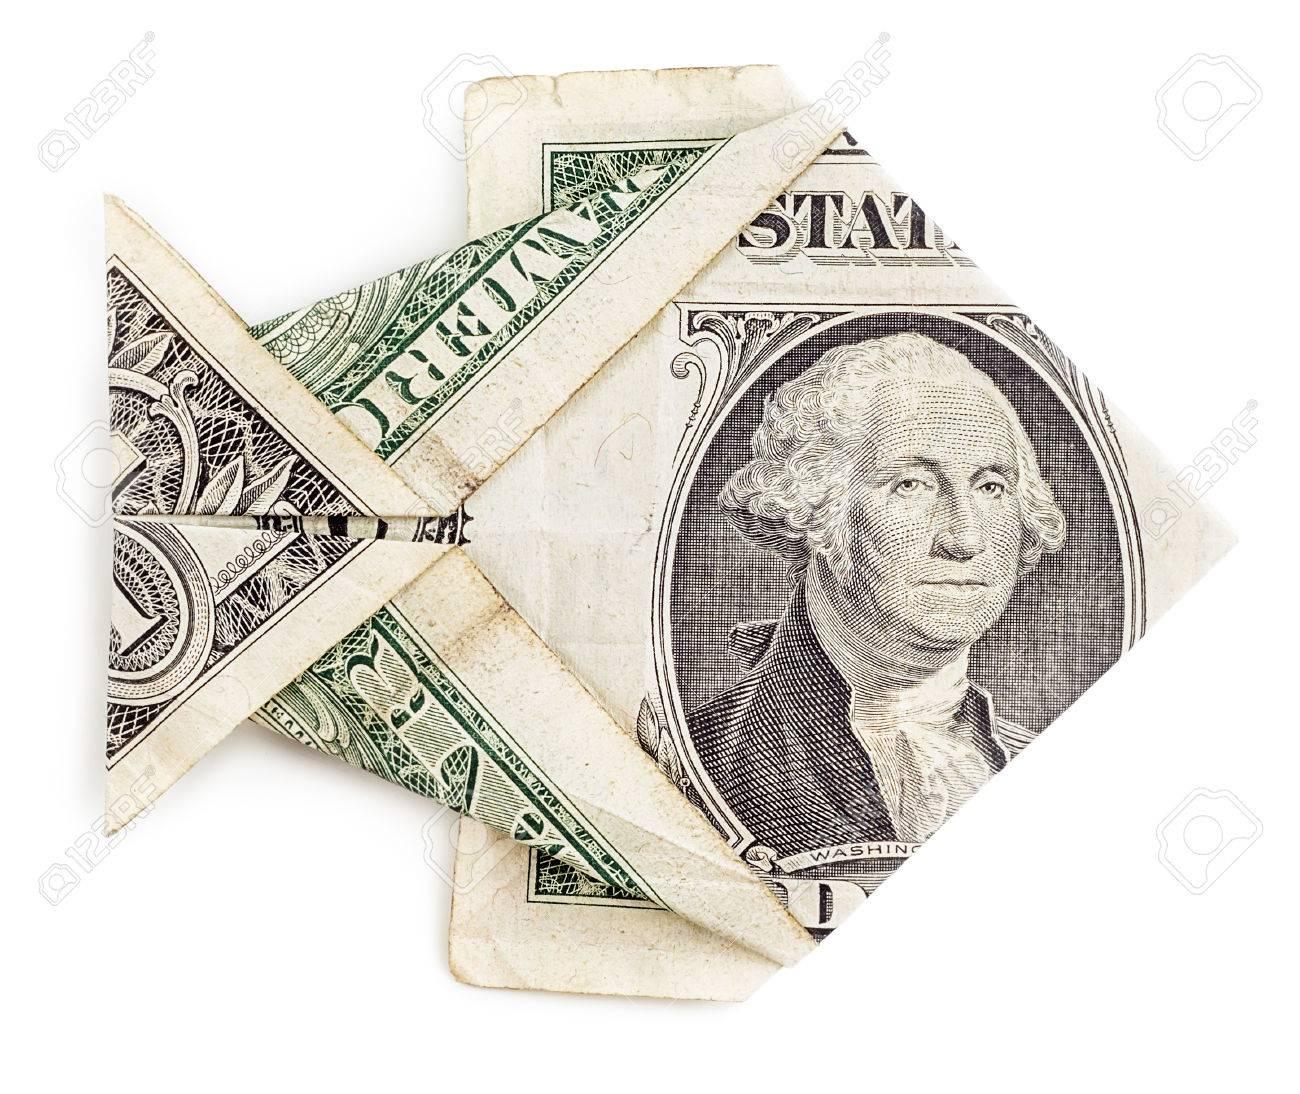 Dollar origami fish isolated on white background moneygami dollar origami fish isolated on white background moneygami catch stock photo 48358015 jeuxipadfo Choice Image